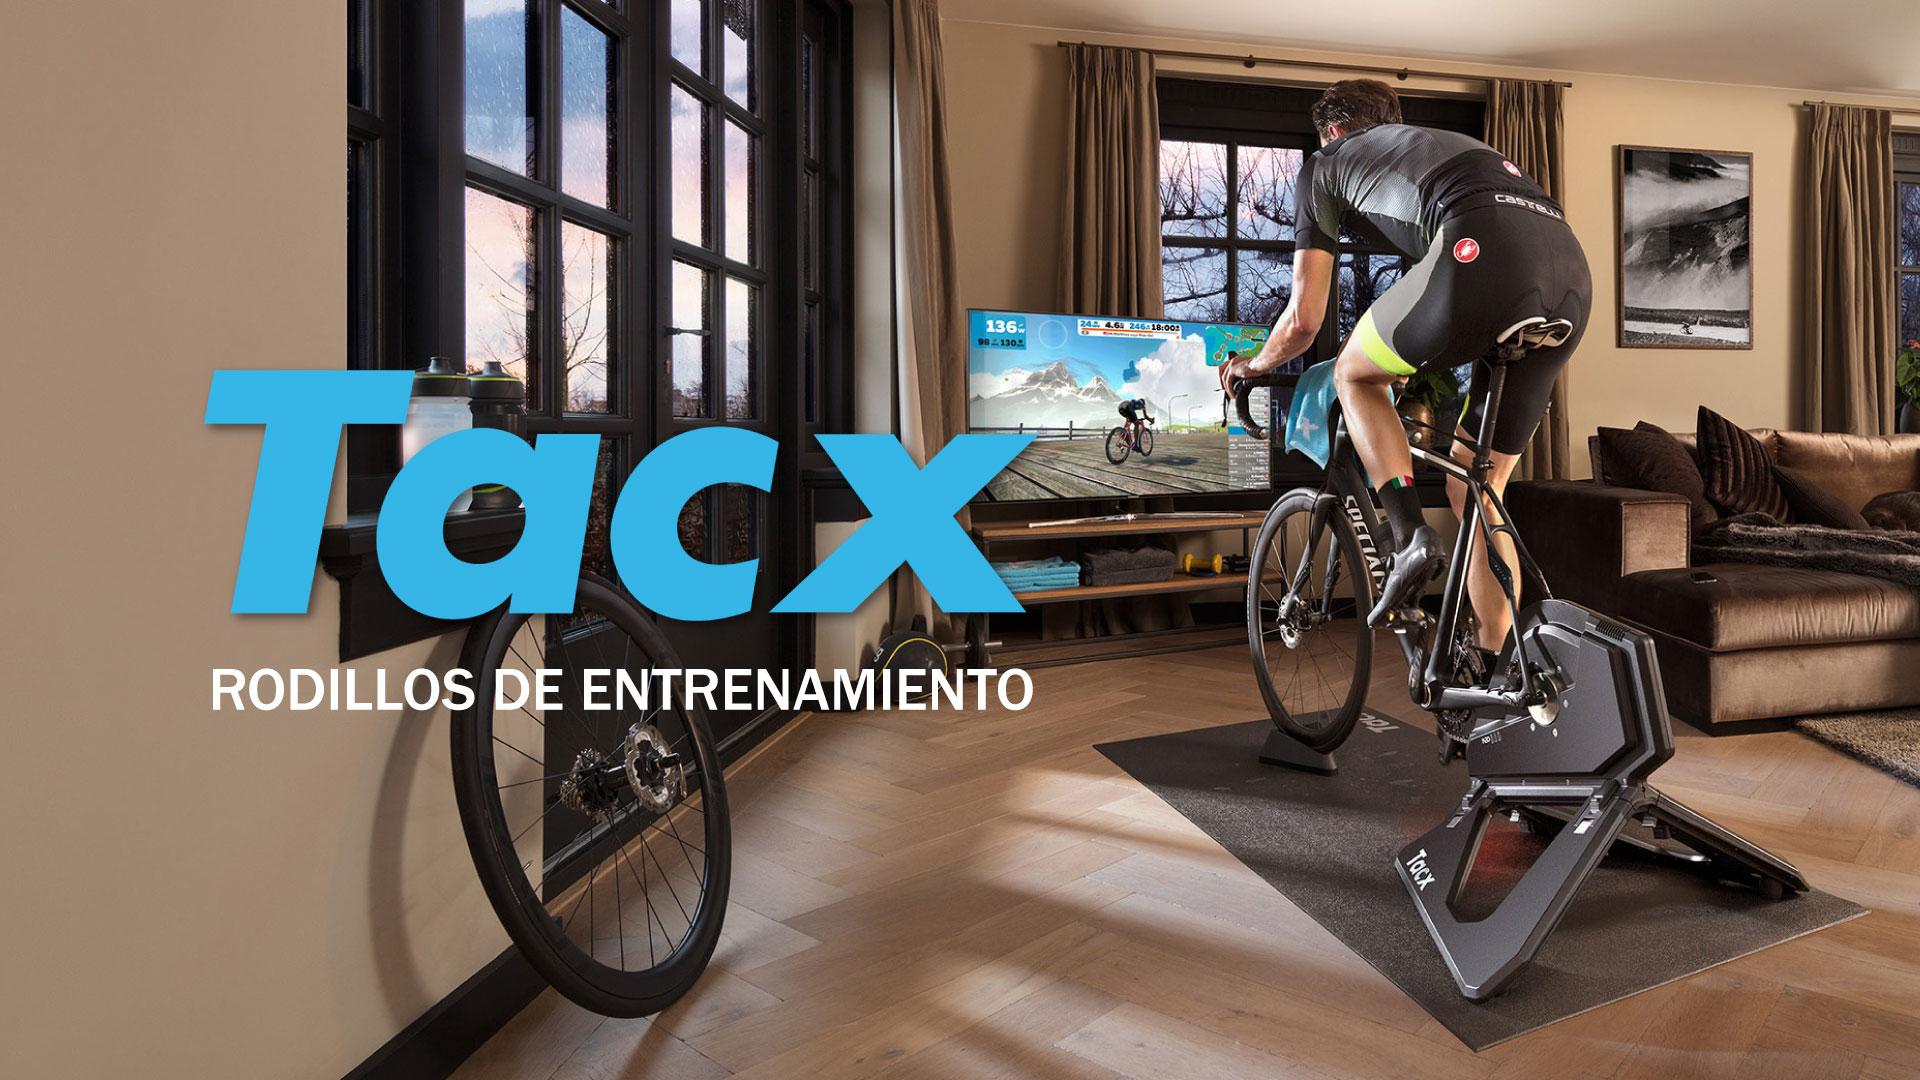 TACX | Rodillos de entrenamiento